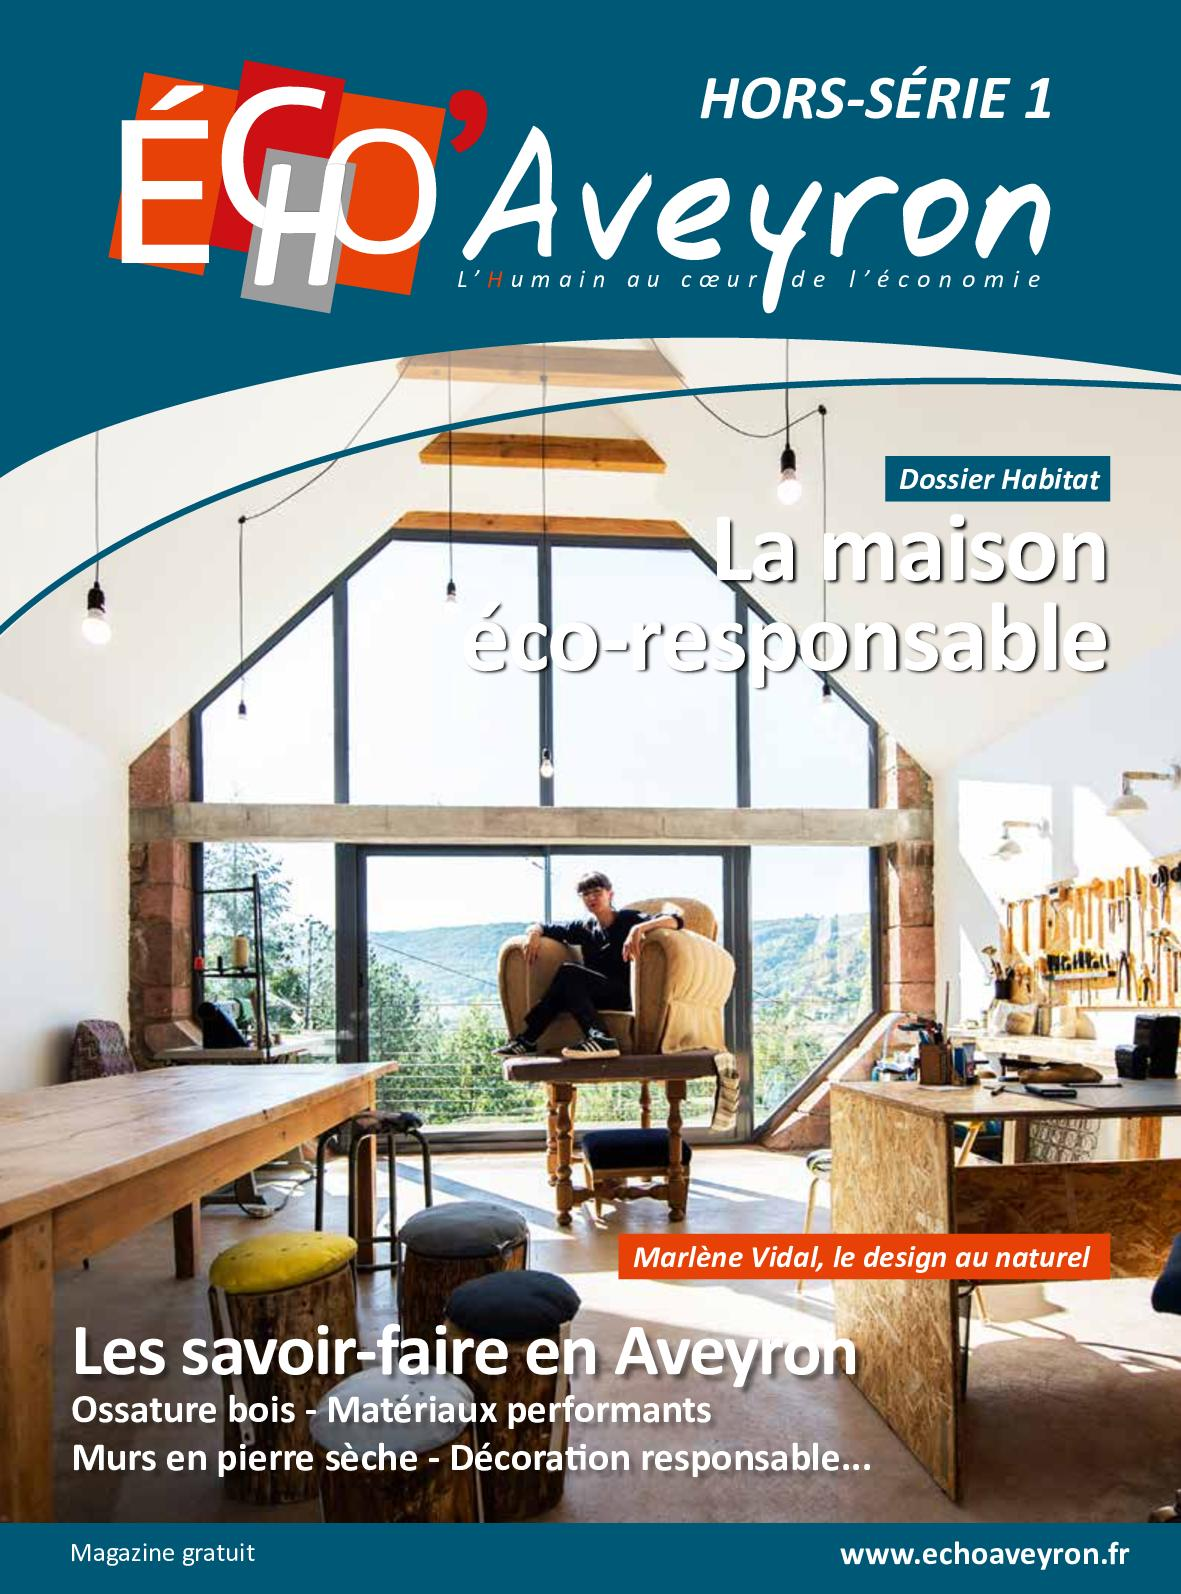 Architecte D Intérieur Aveyron calaméo - echo'aveyron - hors serie 1